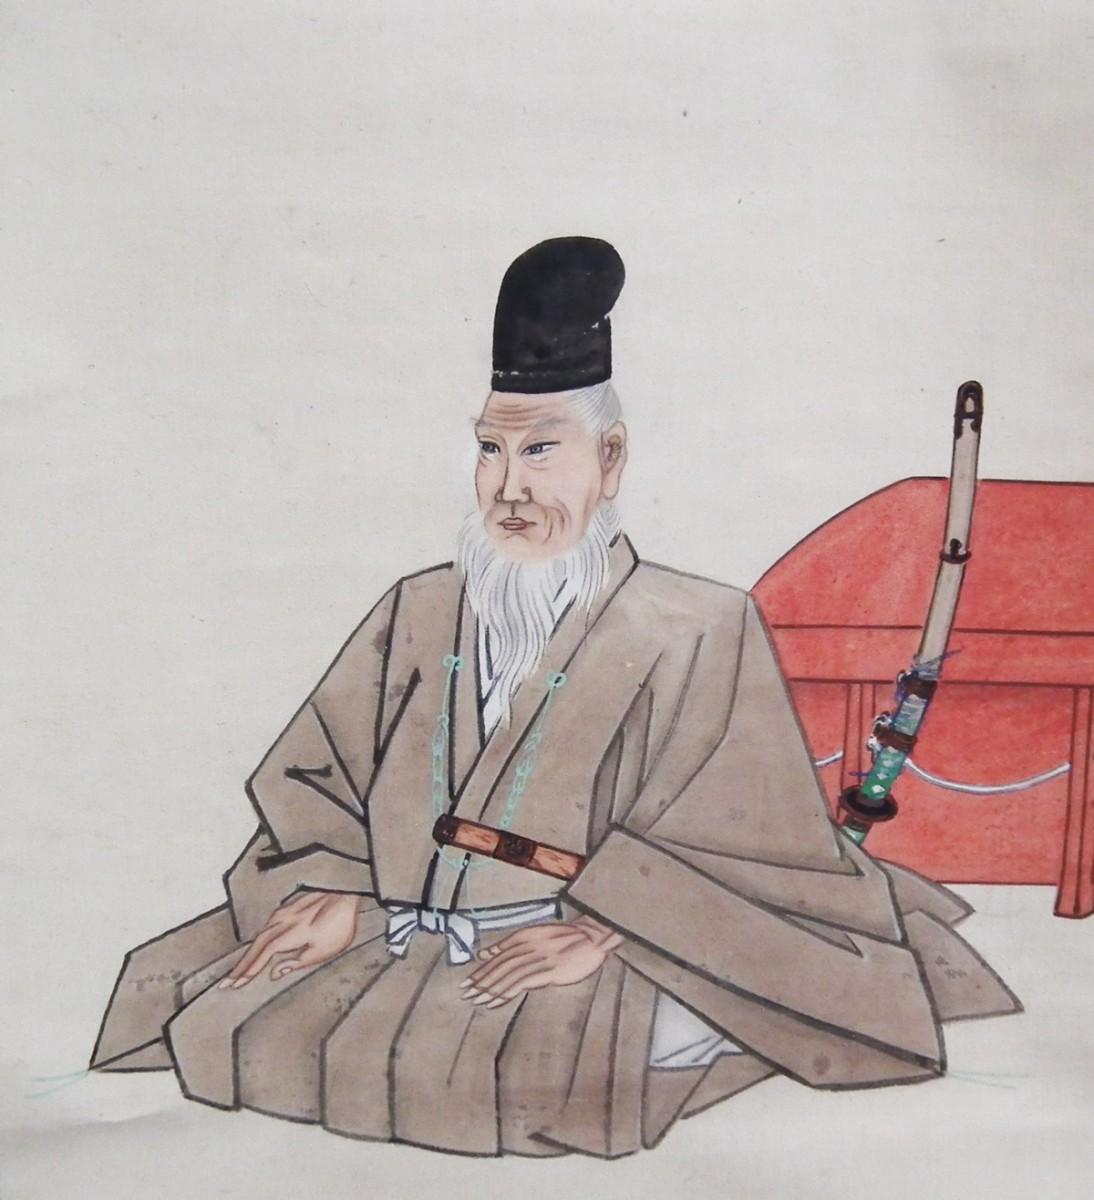 千葉常胤肖像画及び自詠短冊(成田山霊光館所蔵)